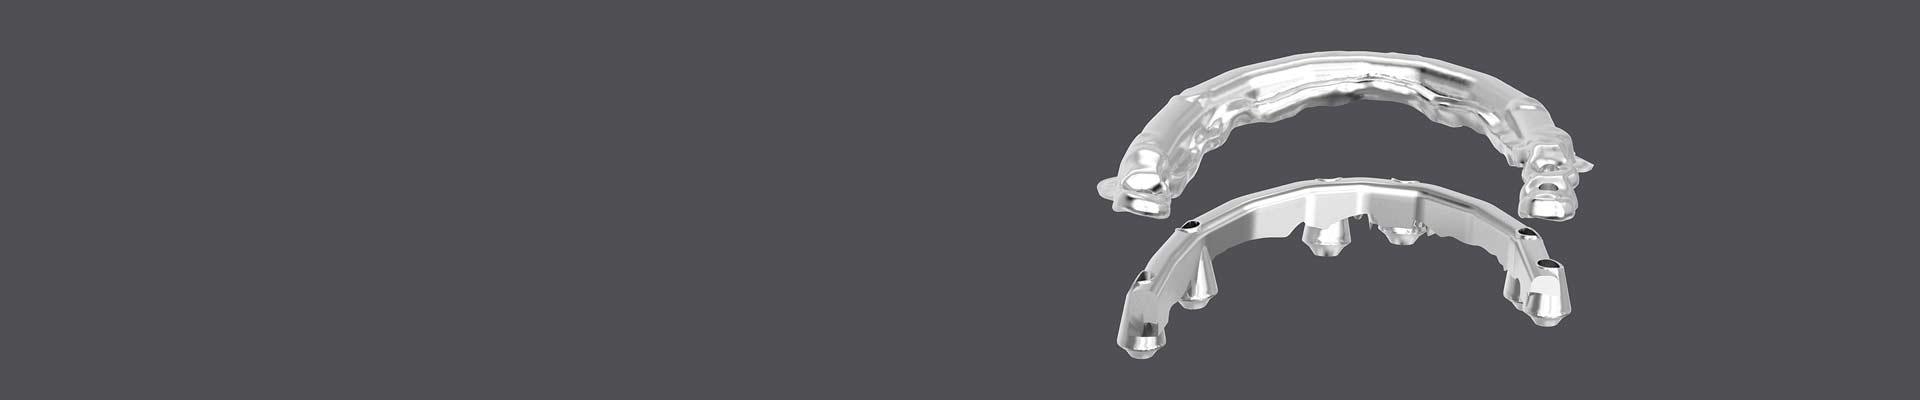 CAD_CAM Implantat-Prothetik